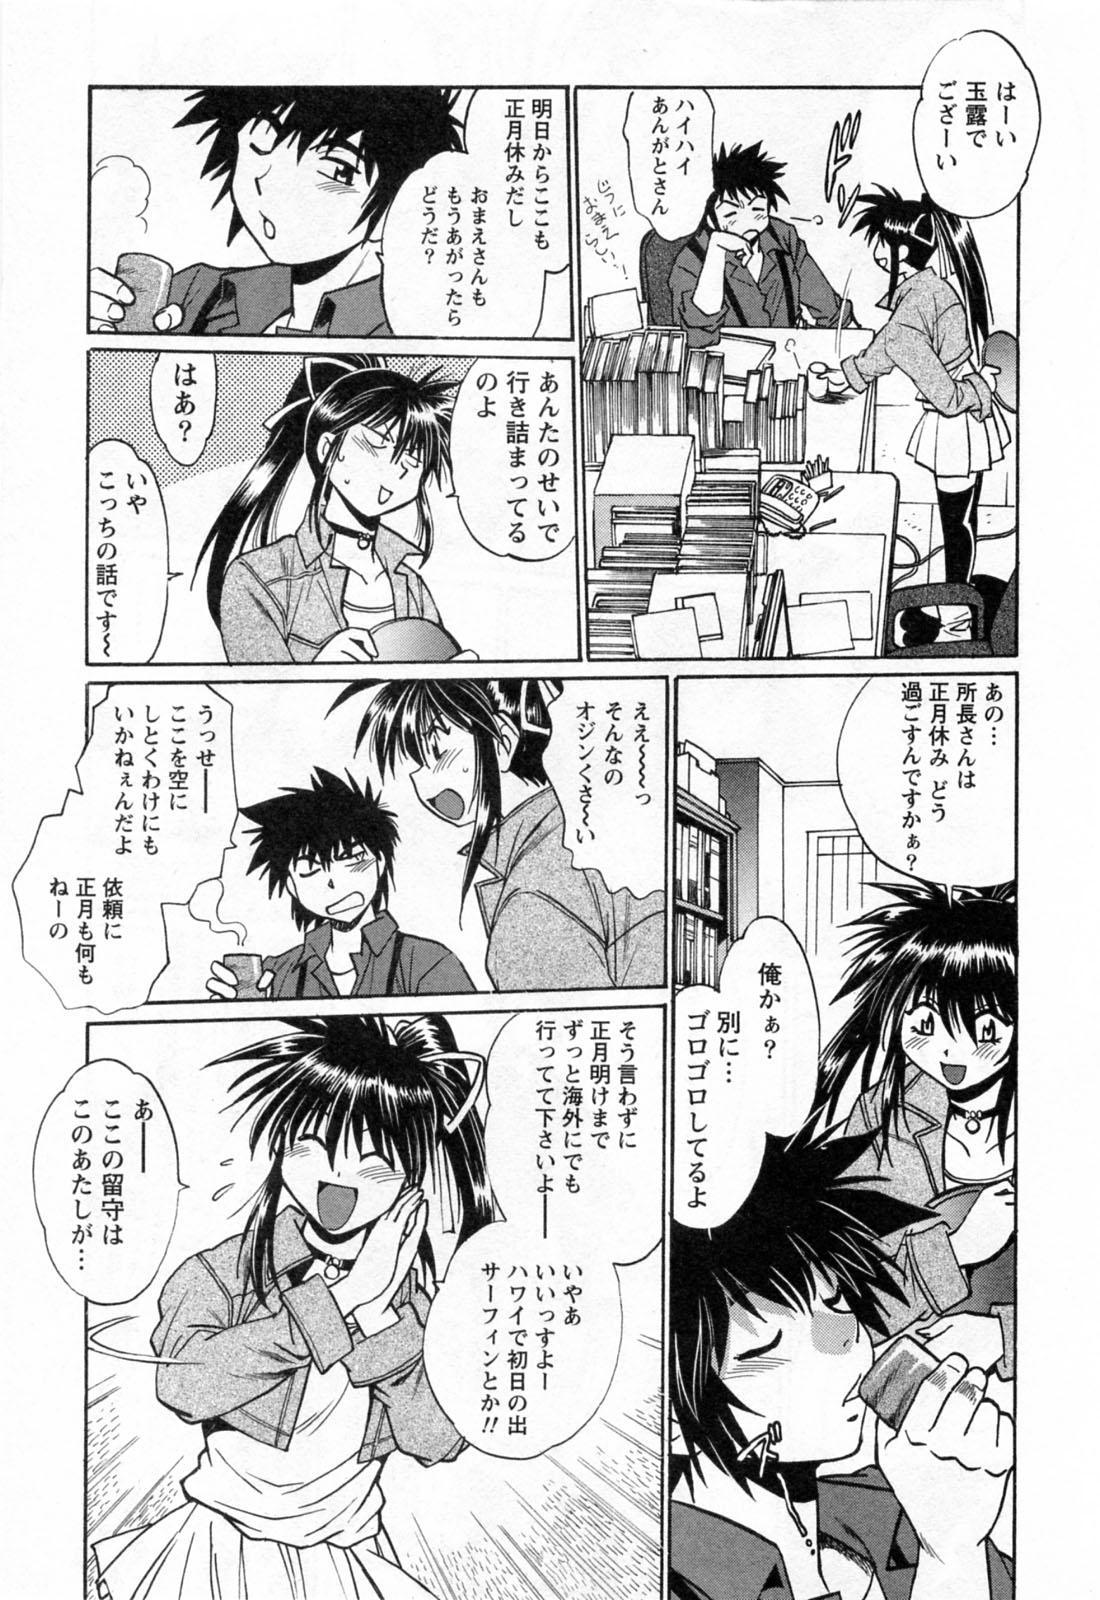 Makunouchi Deluxe 3 8